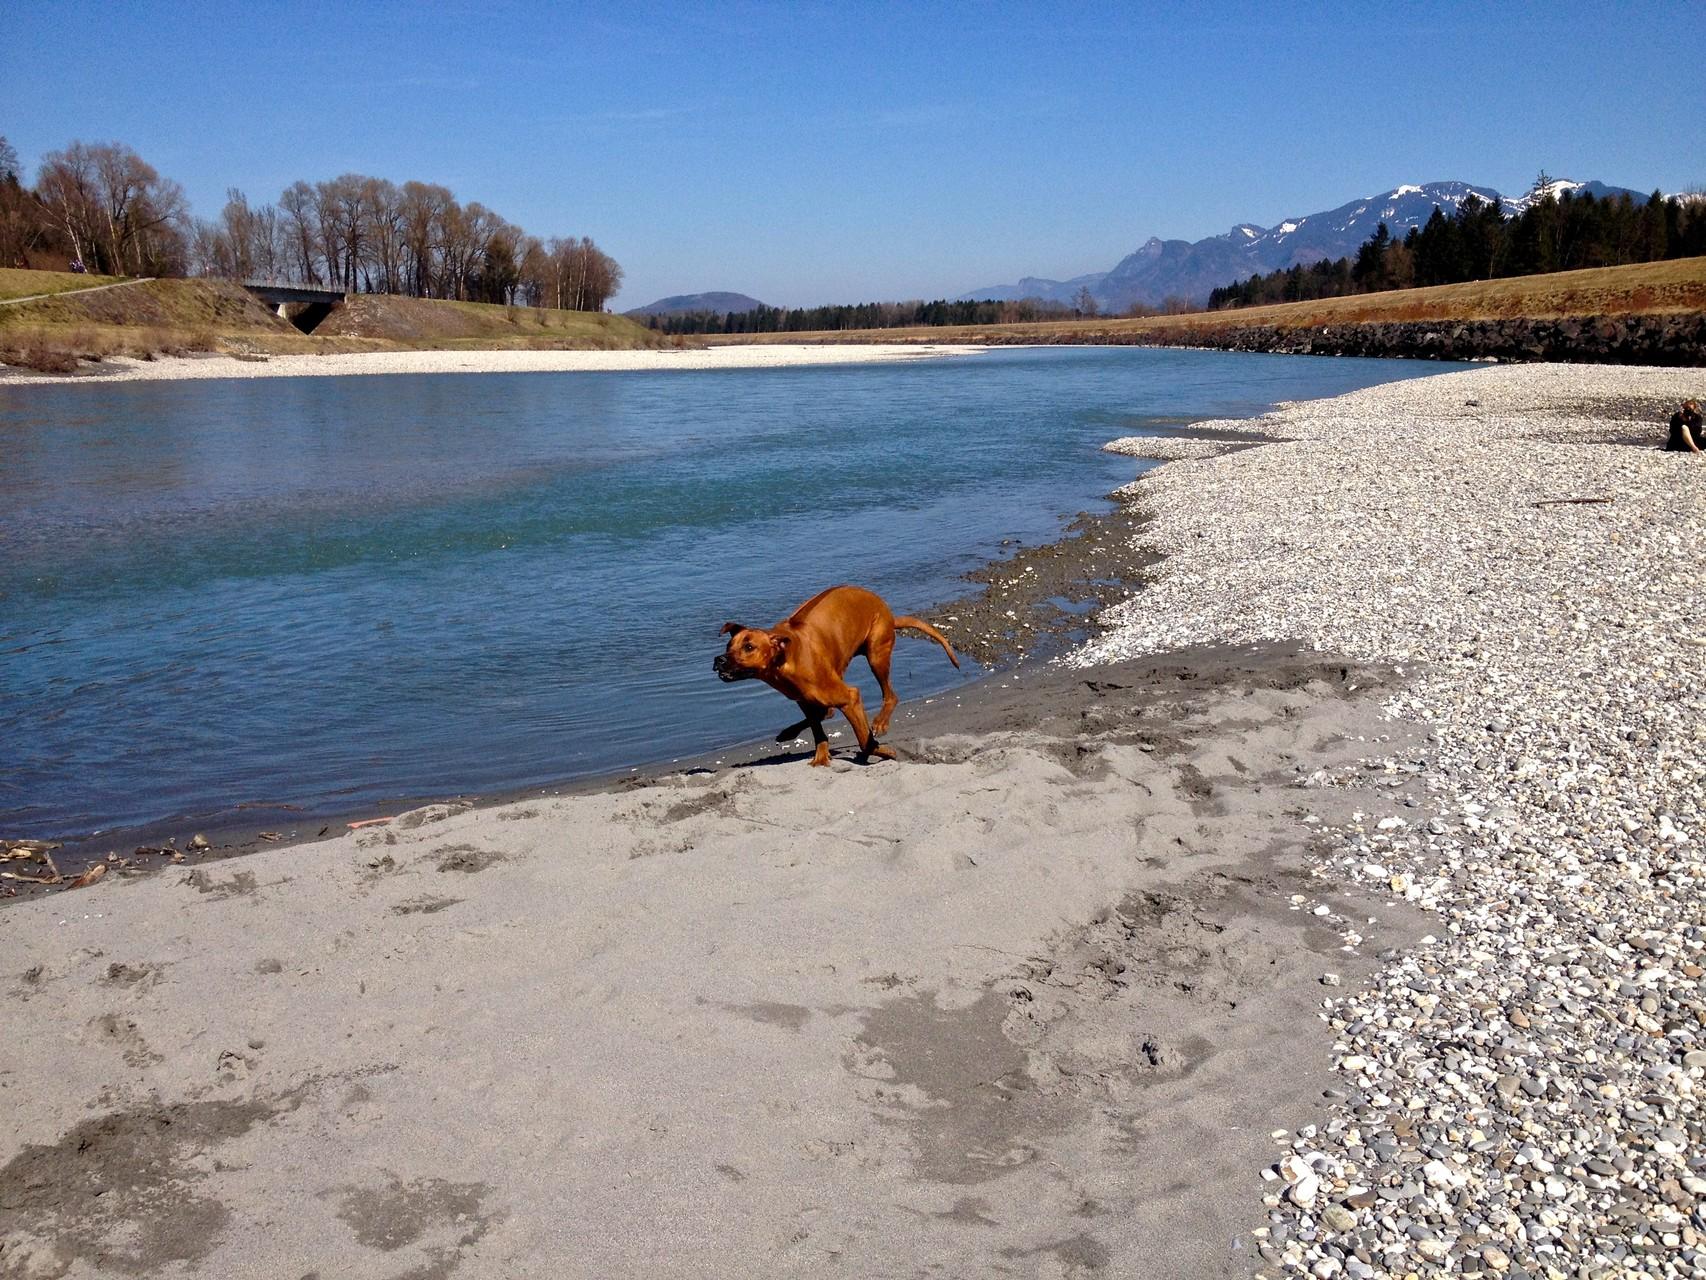 So viel Spass am Wasser und im Sand!